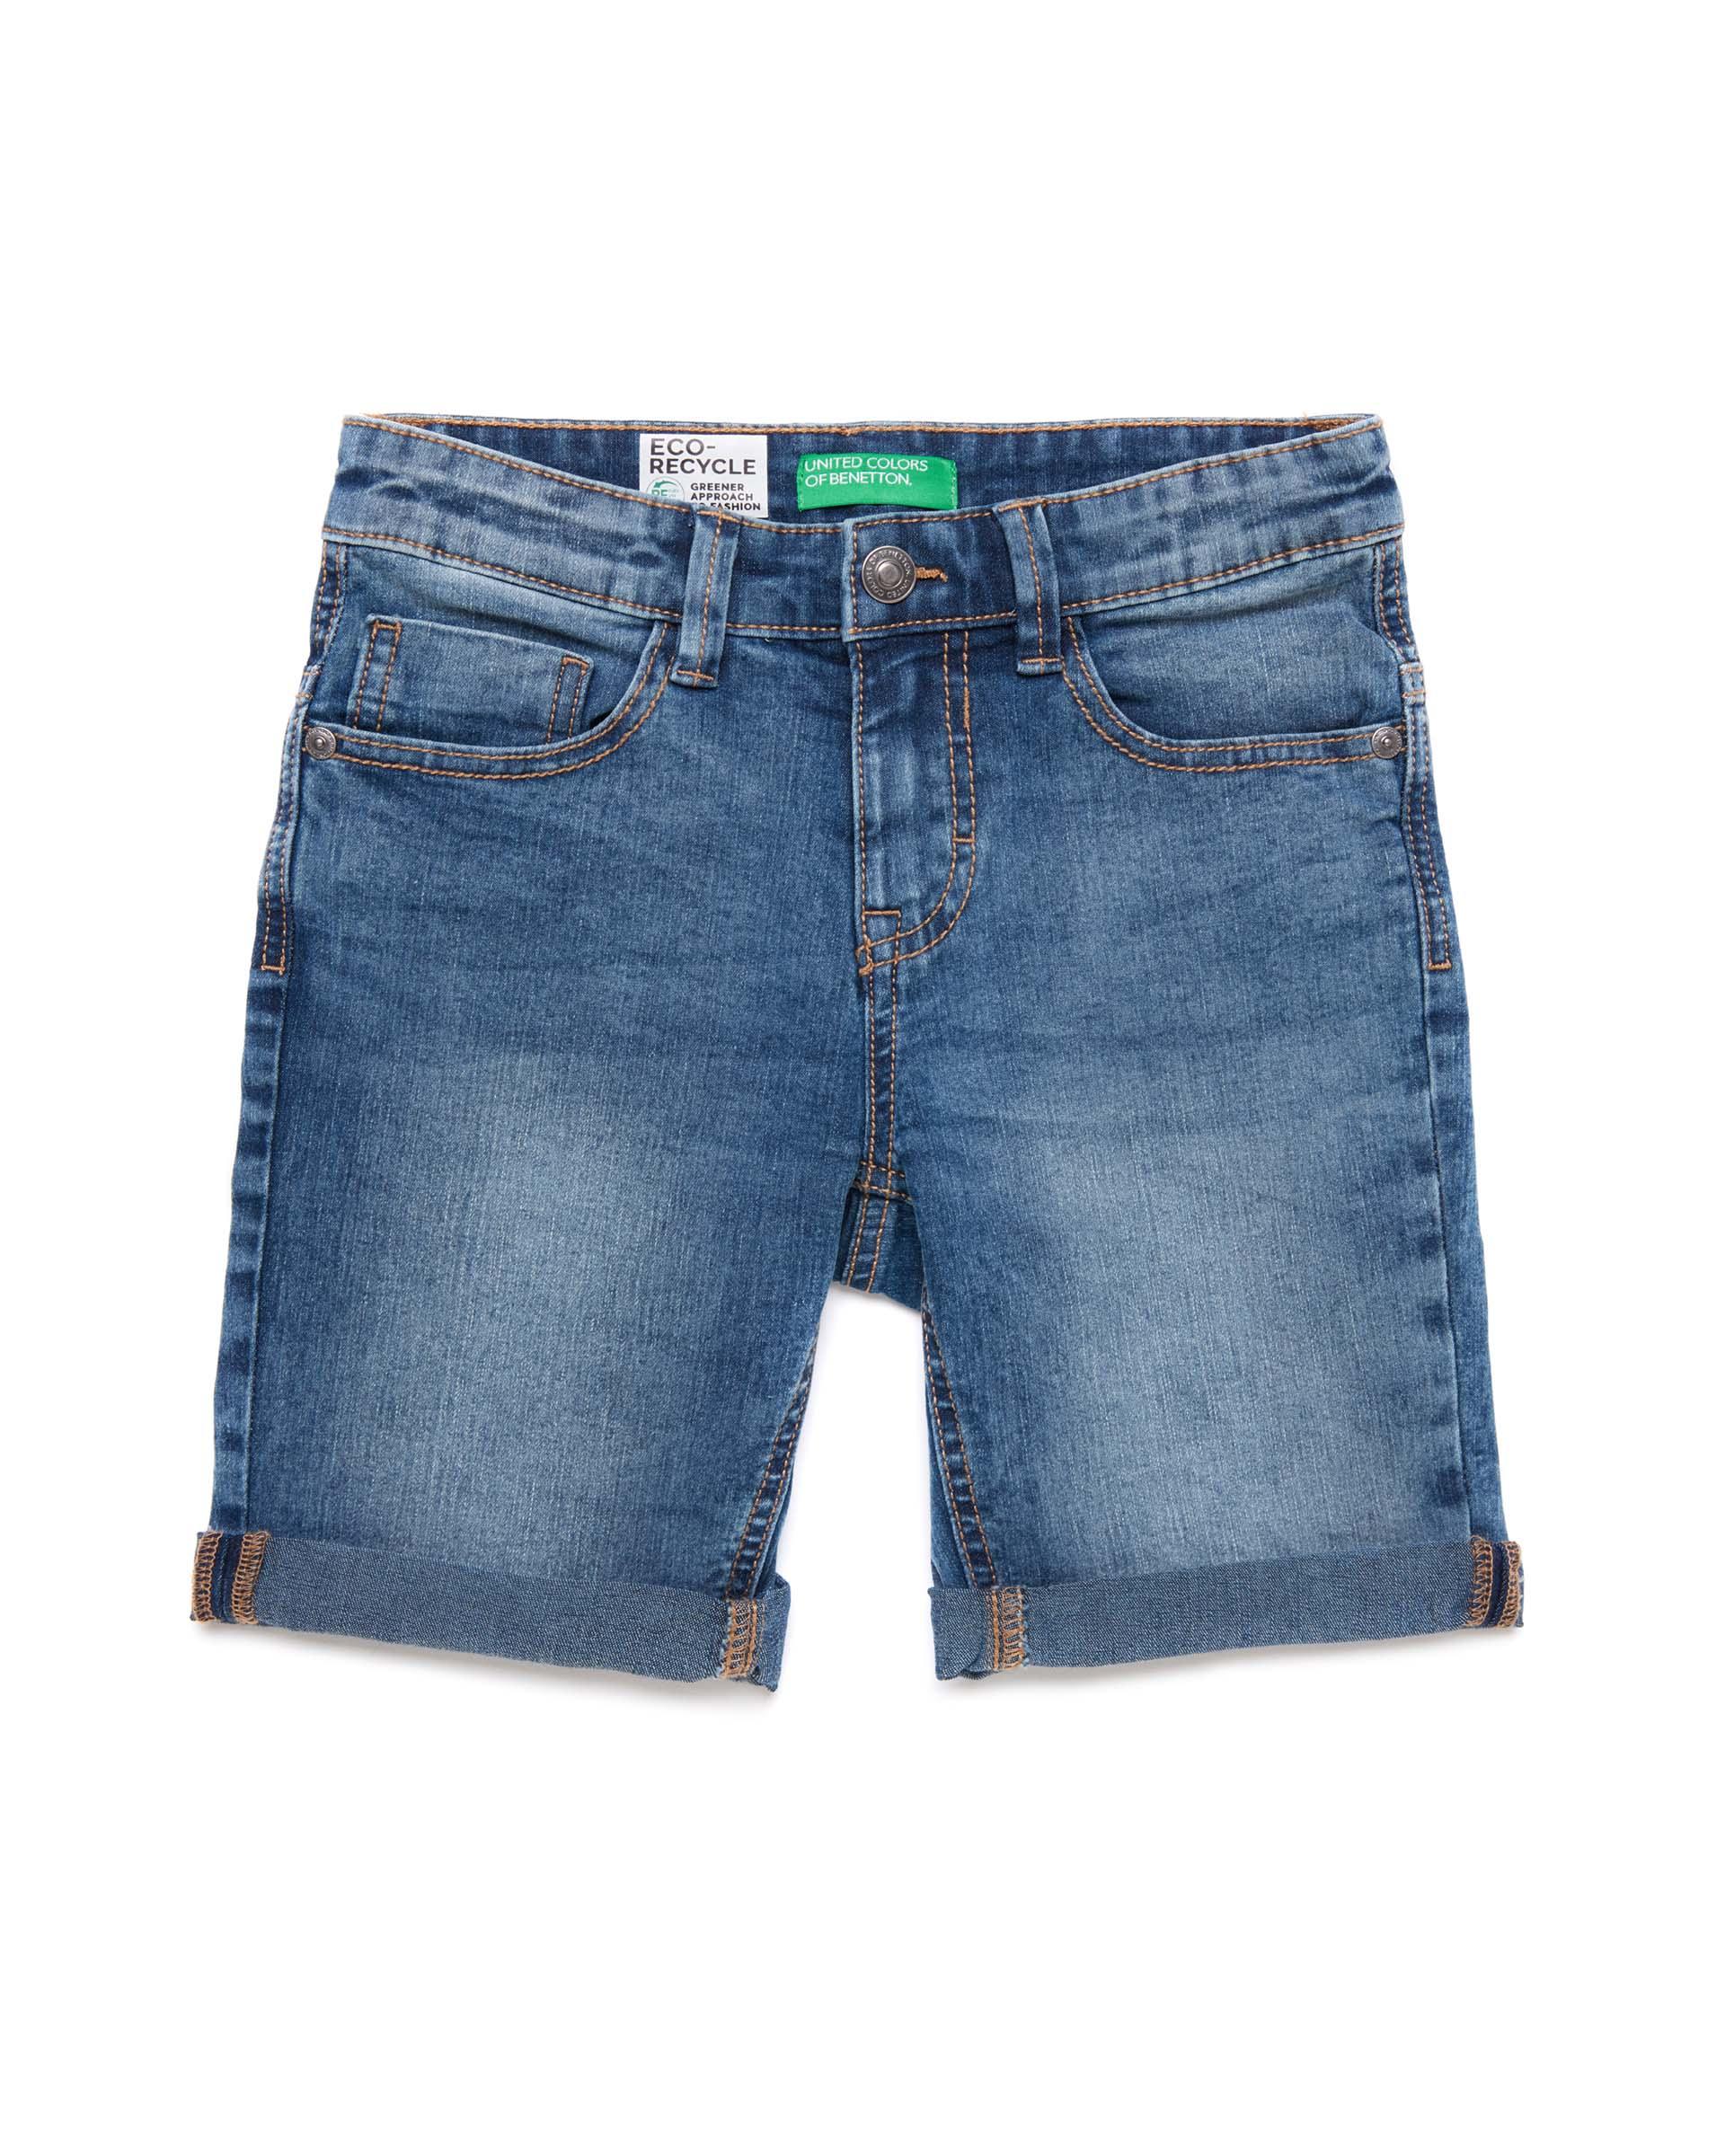 Купить 20P_4XA259DY0_902, Джинсовые шорты для мальчиков Benetton 4XA259DY0_902 р-р 152, United Colors of Benetton, Шорты для мальчиков